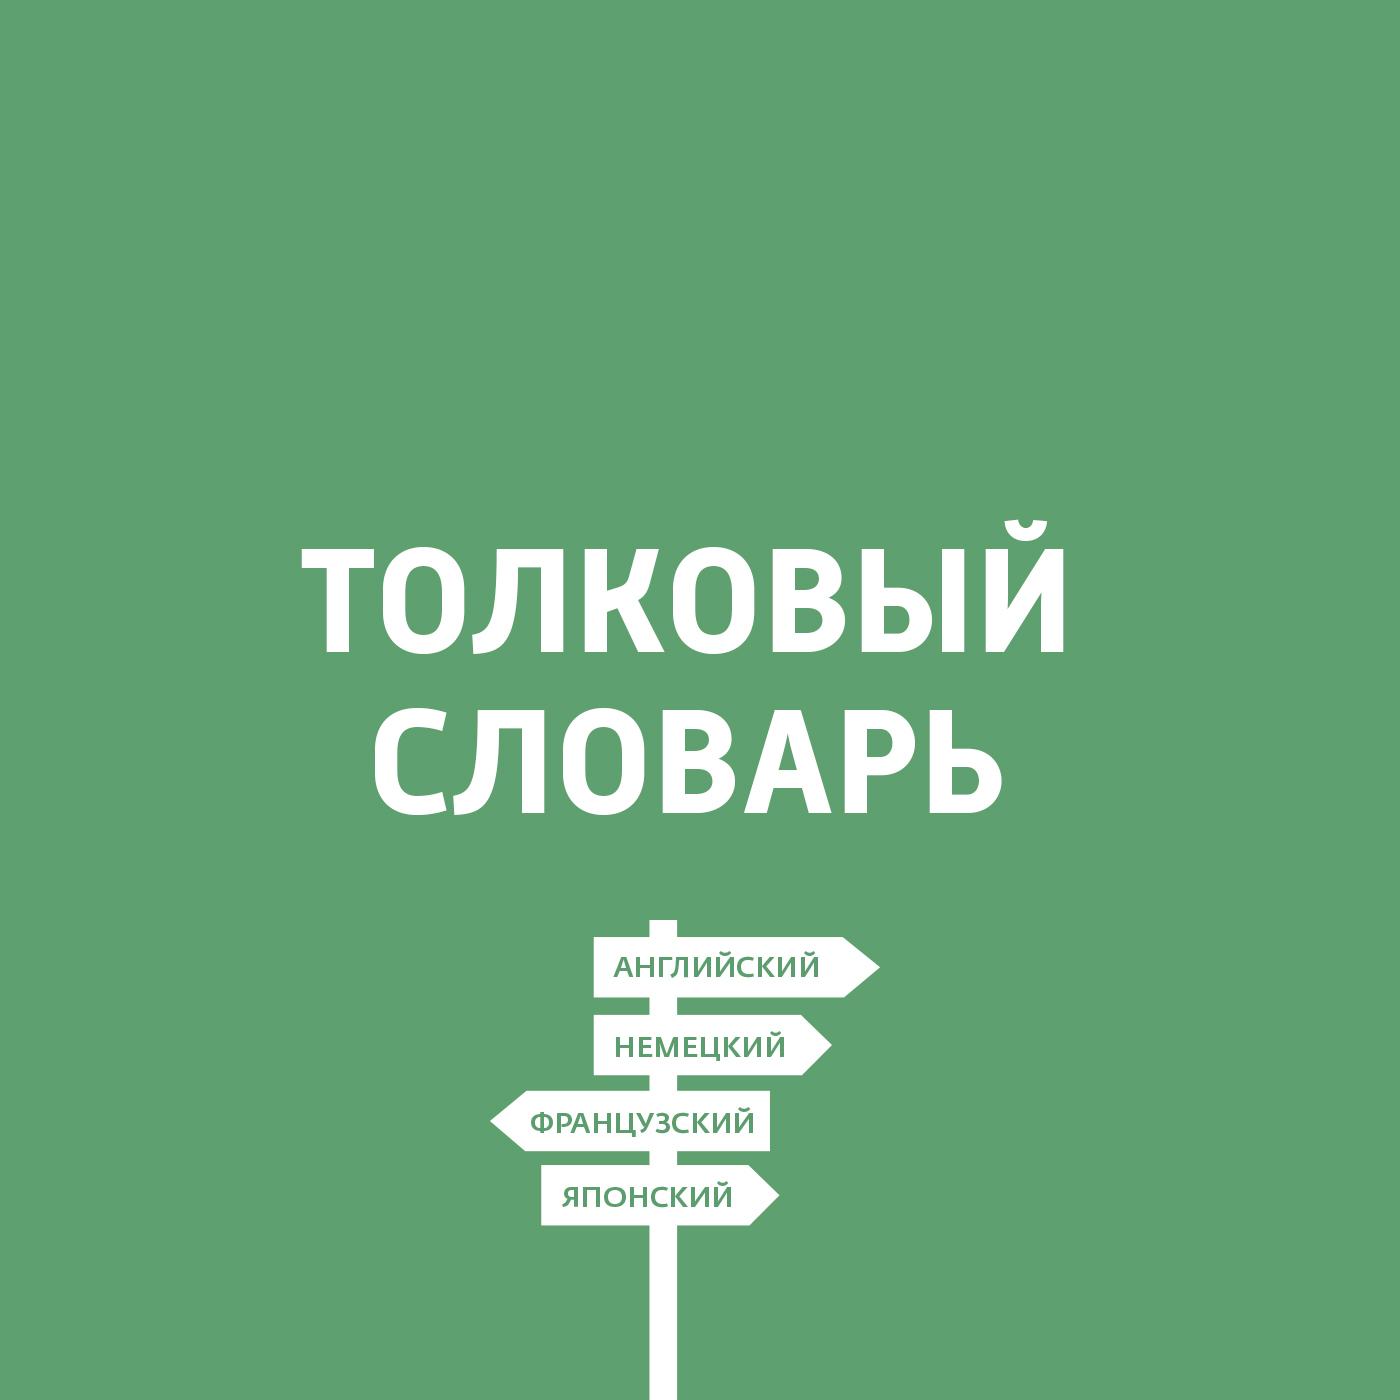 Дмитрий Петров Как заимствуют слова? одед шенкар имитаторы как компании заимствуют и перерабатывают чужие идеи